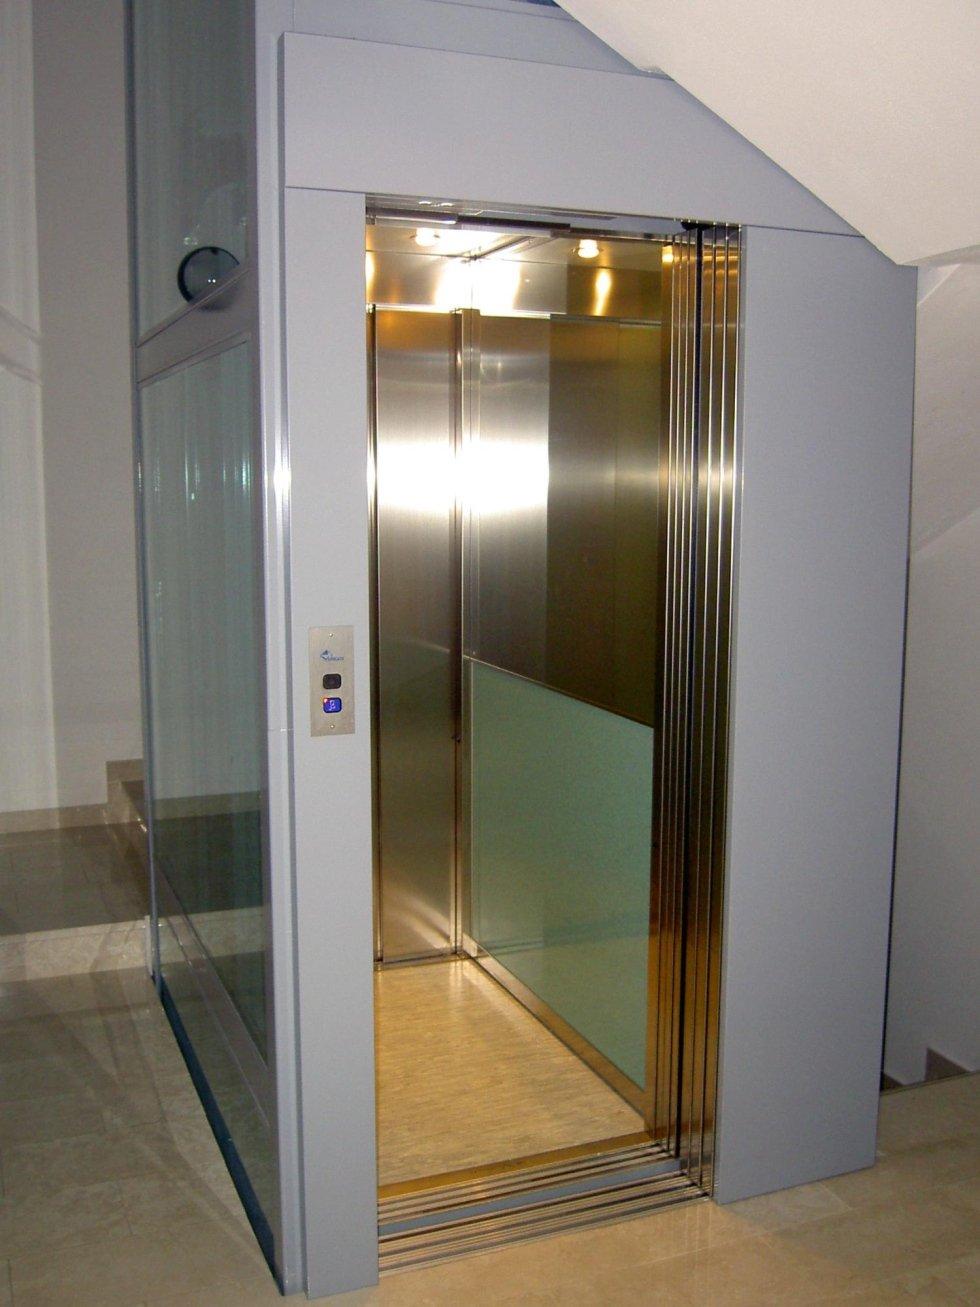 ascensore in inox e vetro con porte aperte